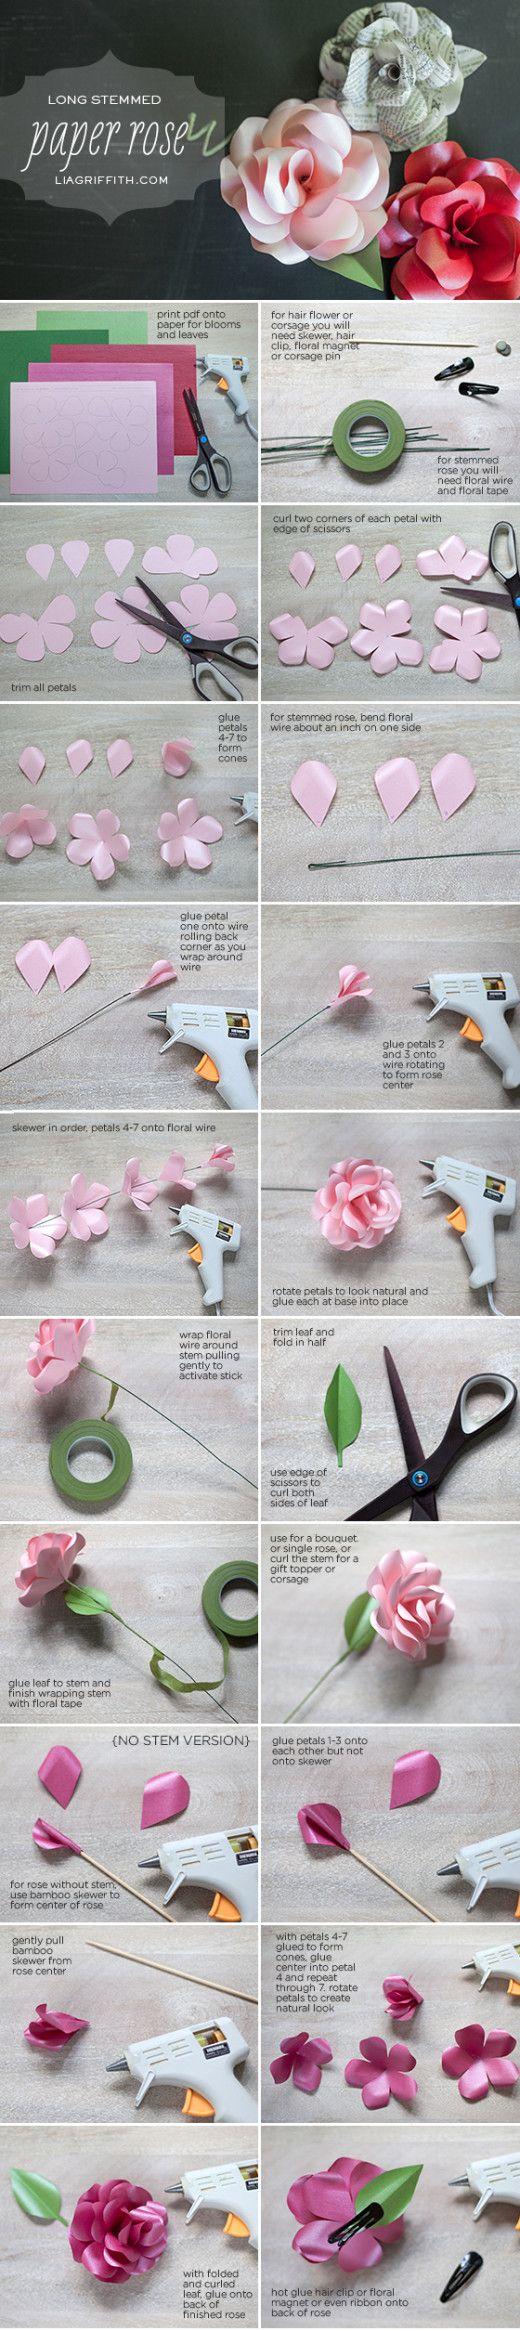 DIY Long Stemmed Paper Rose